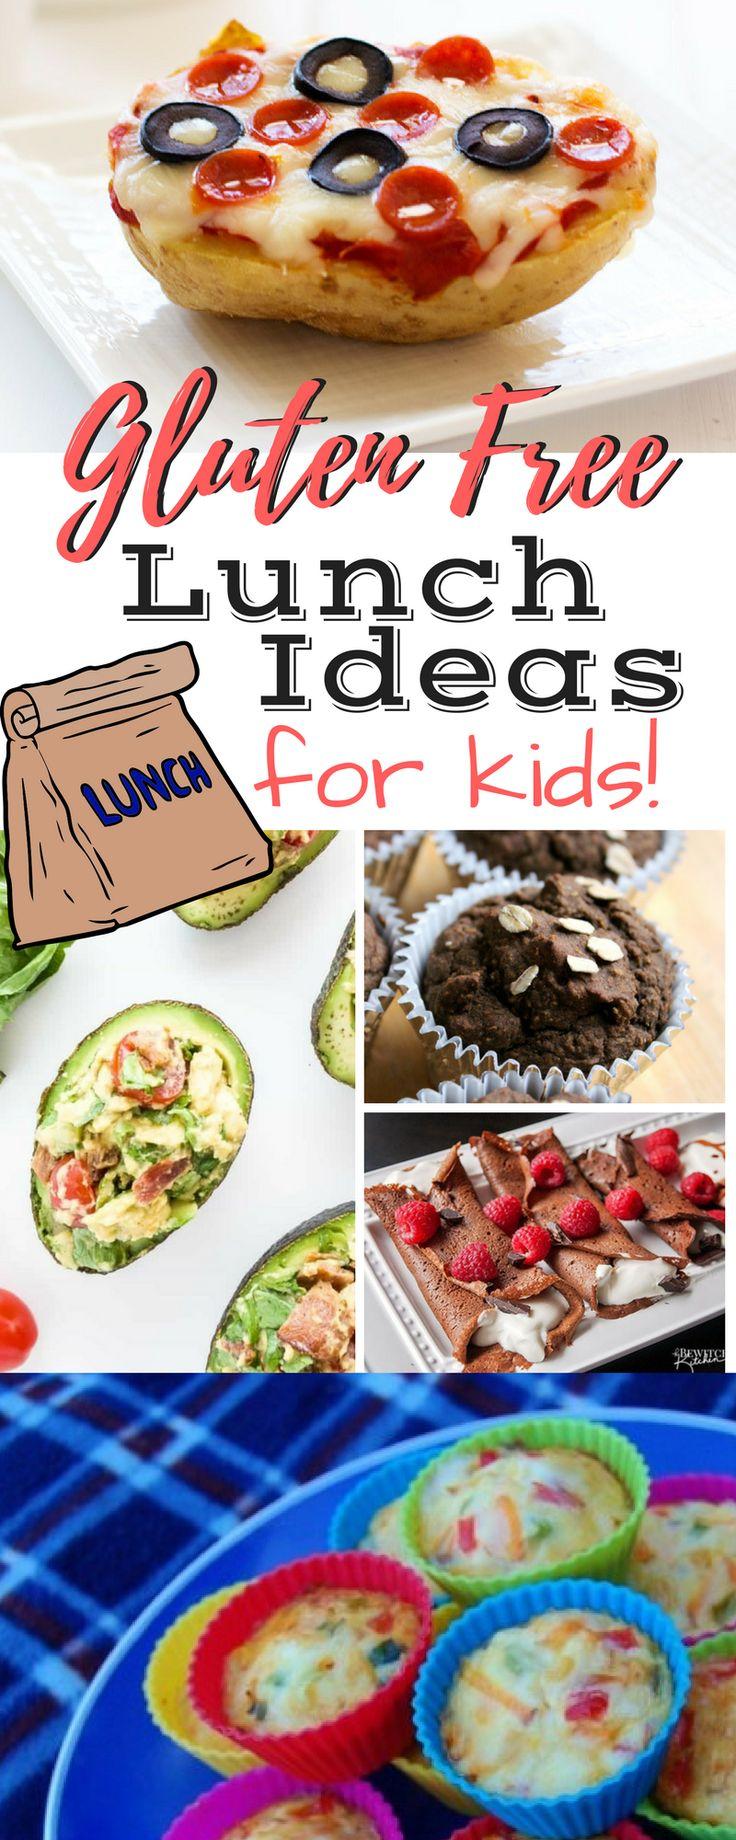 gluten free lunch ideas for kids mittagessen abendessen f r kleinkinder kinder. Black Bedroom Furniture Sets. Home Design Ideas